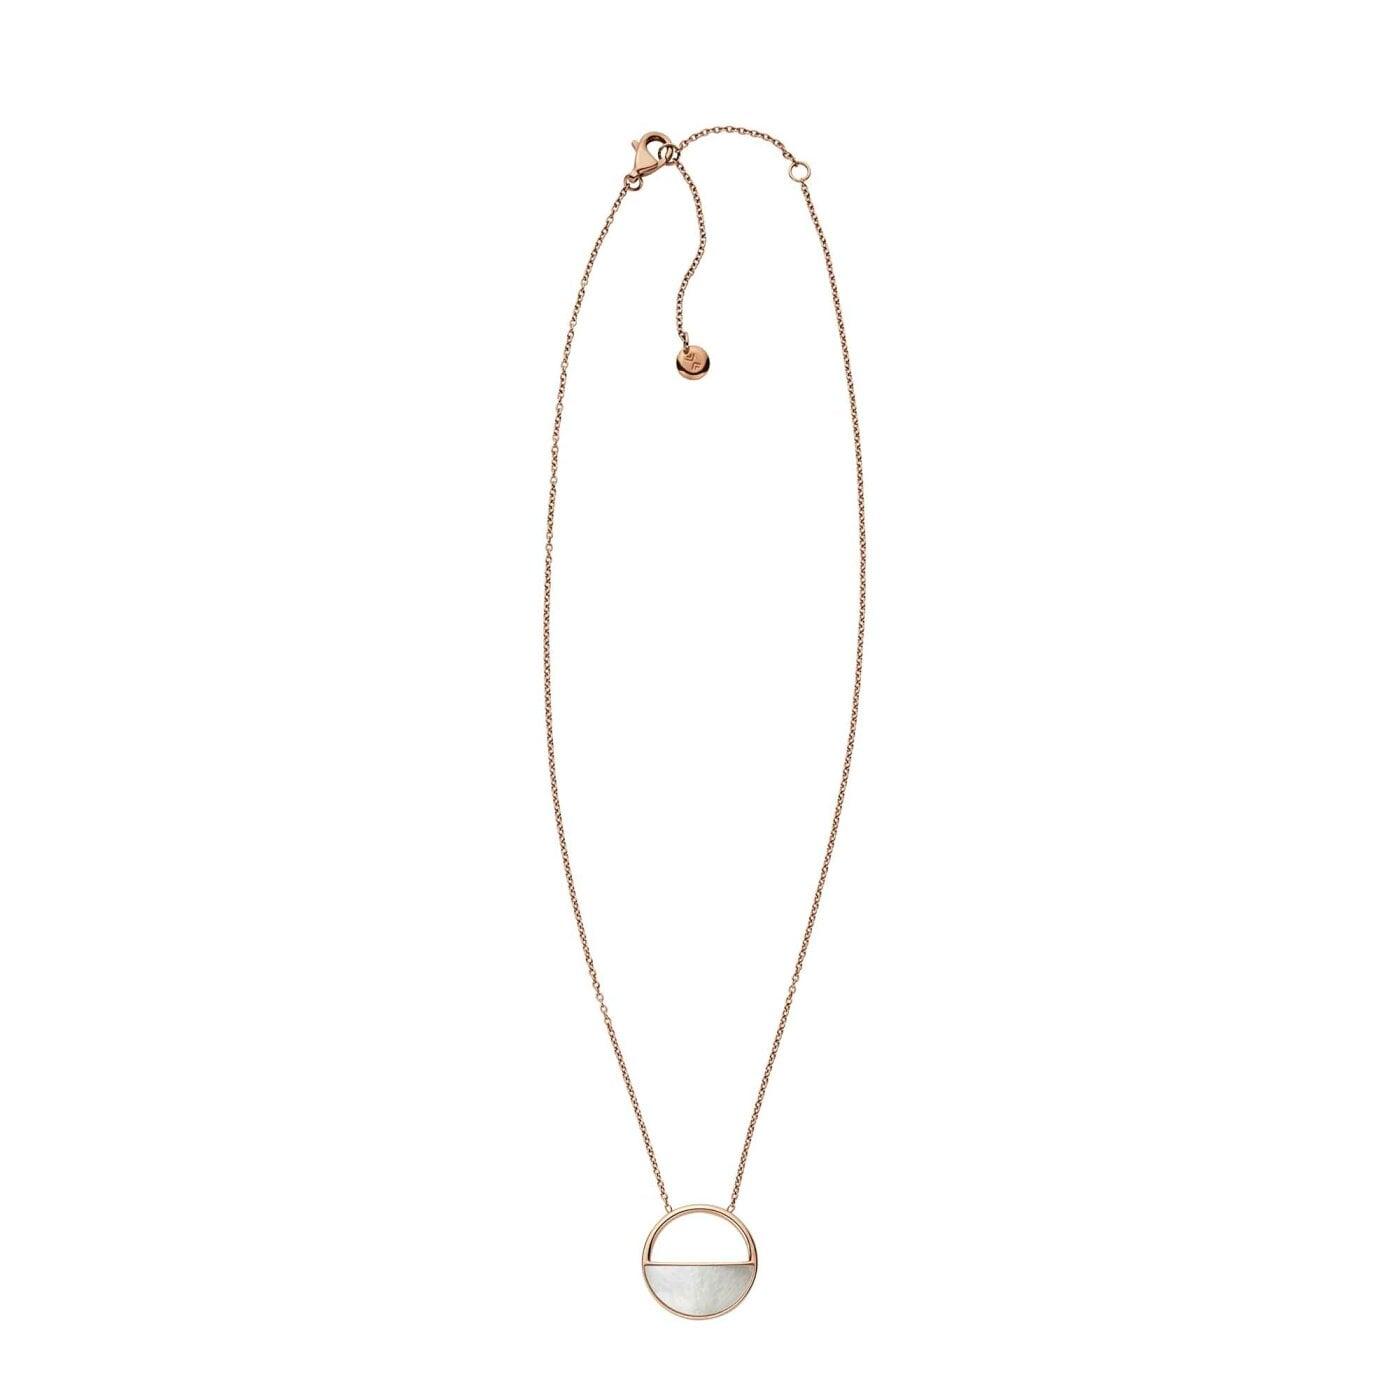 Skagen Kette AGNETHE – SKJ0997791 | Juwelier Kraemer Onlineshop